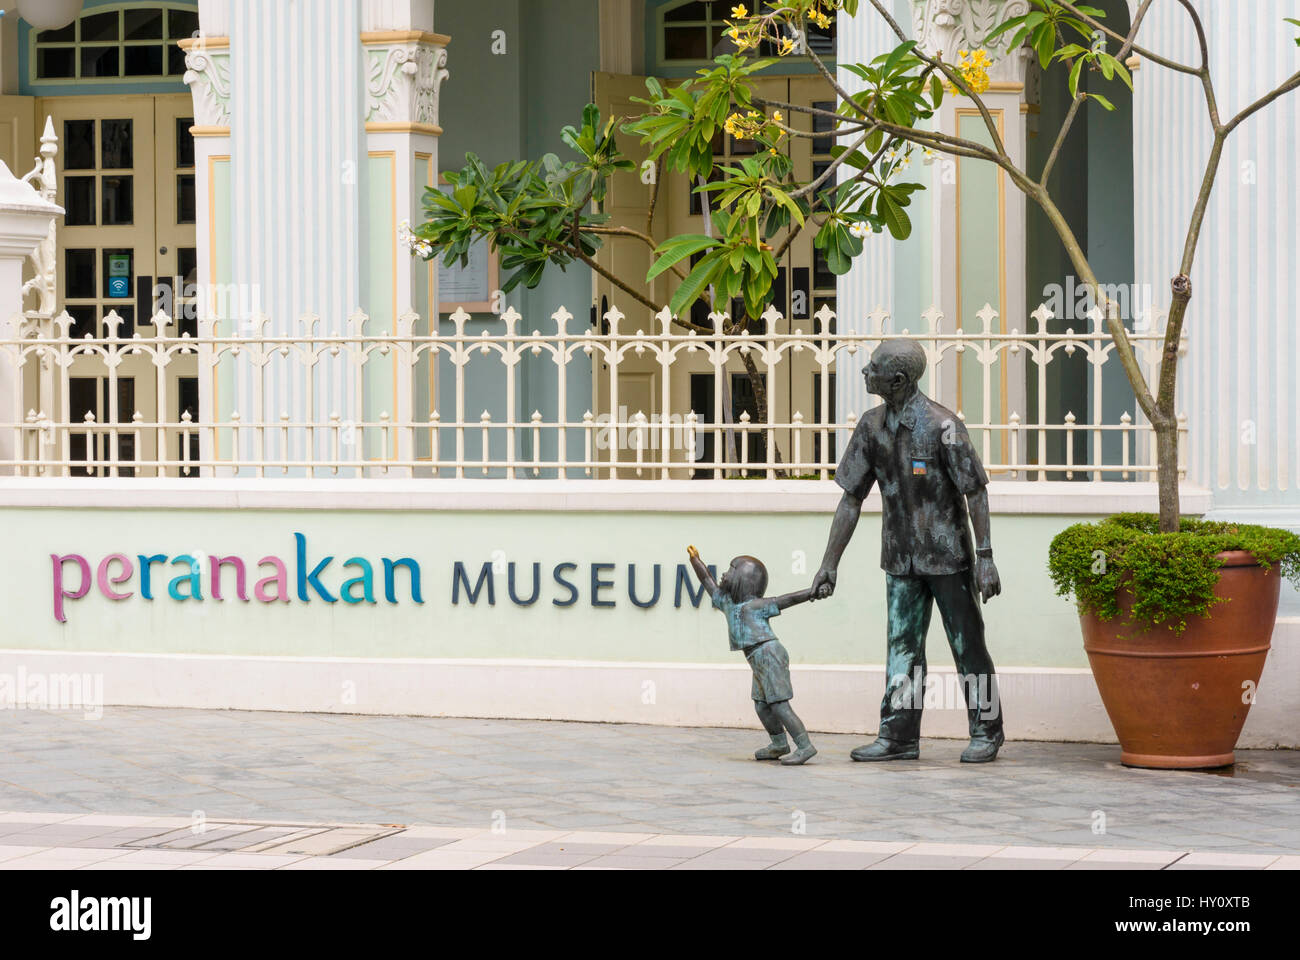 Musée Peranakan de Singapour Straits célébrant la culture chinoise en Asie du sud-est installé dans l'ancien bâtiment de l'école Nan Tao Banque D'Images